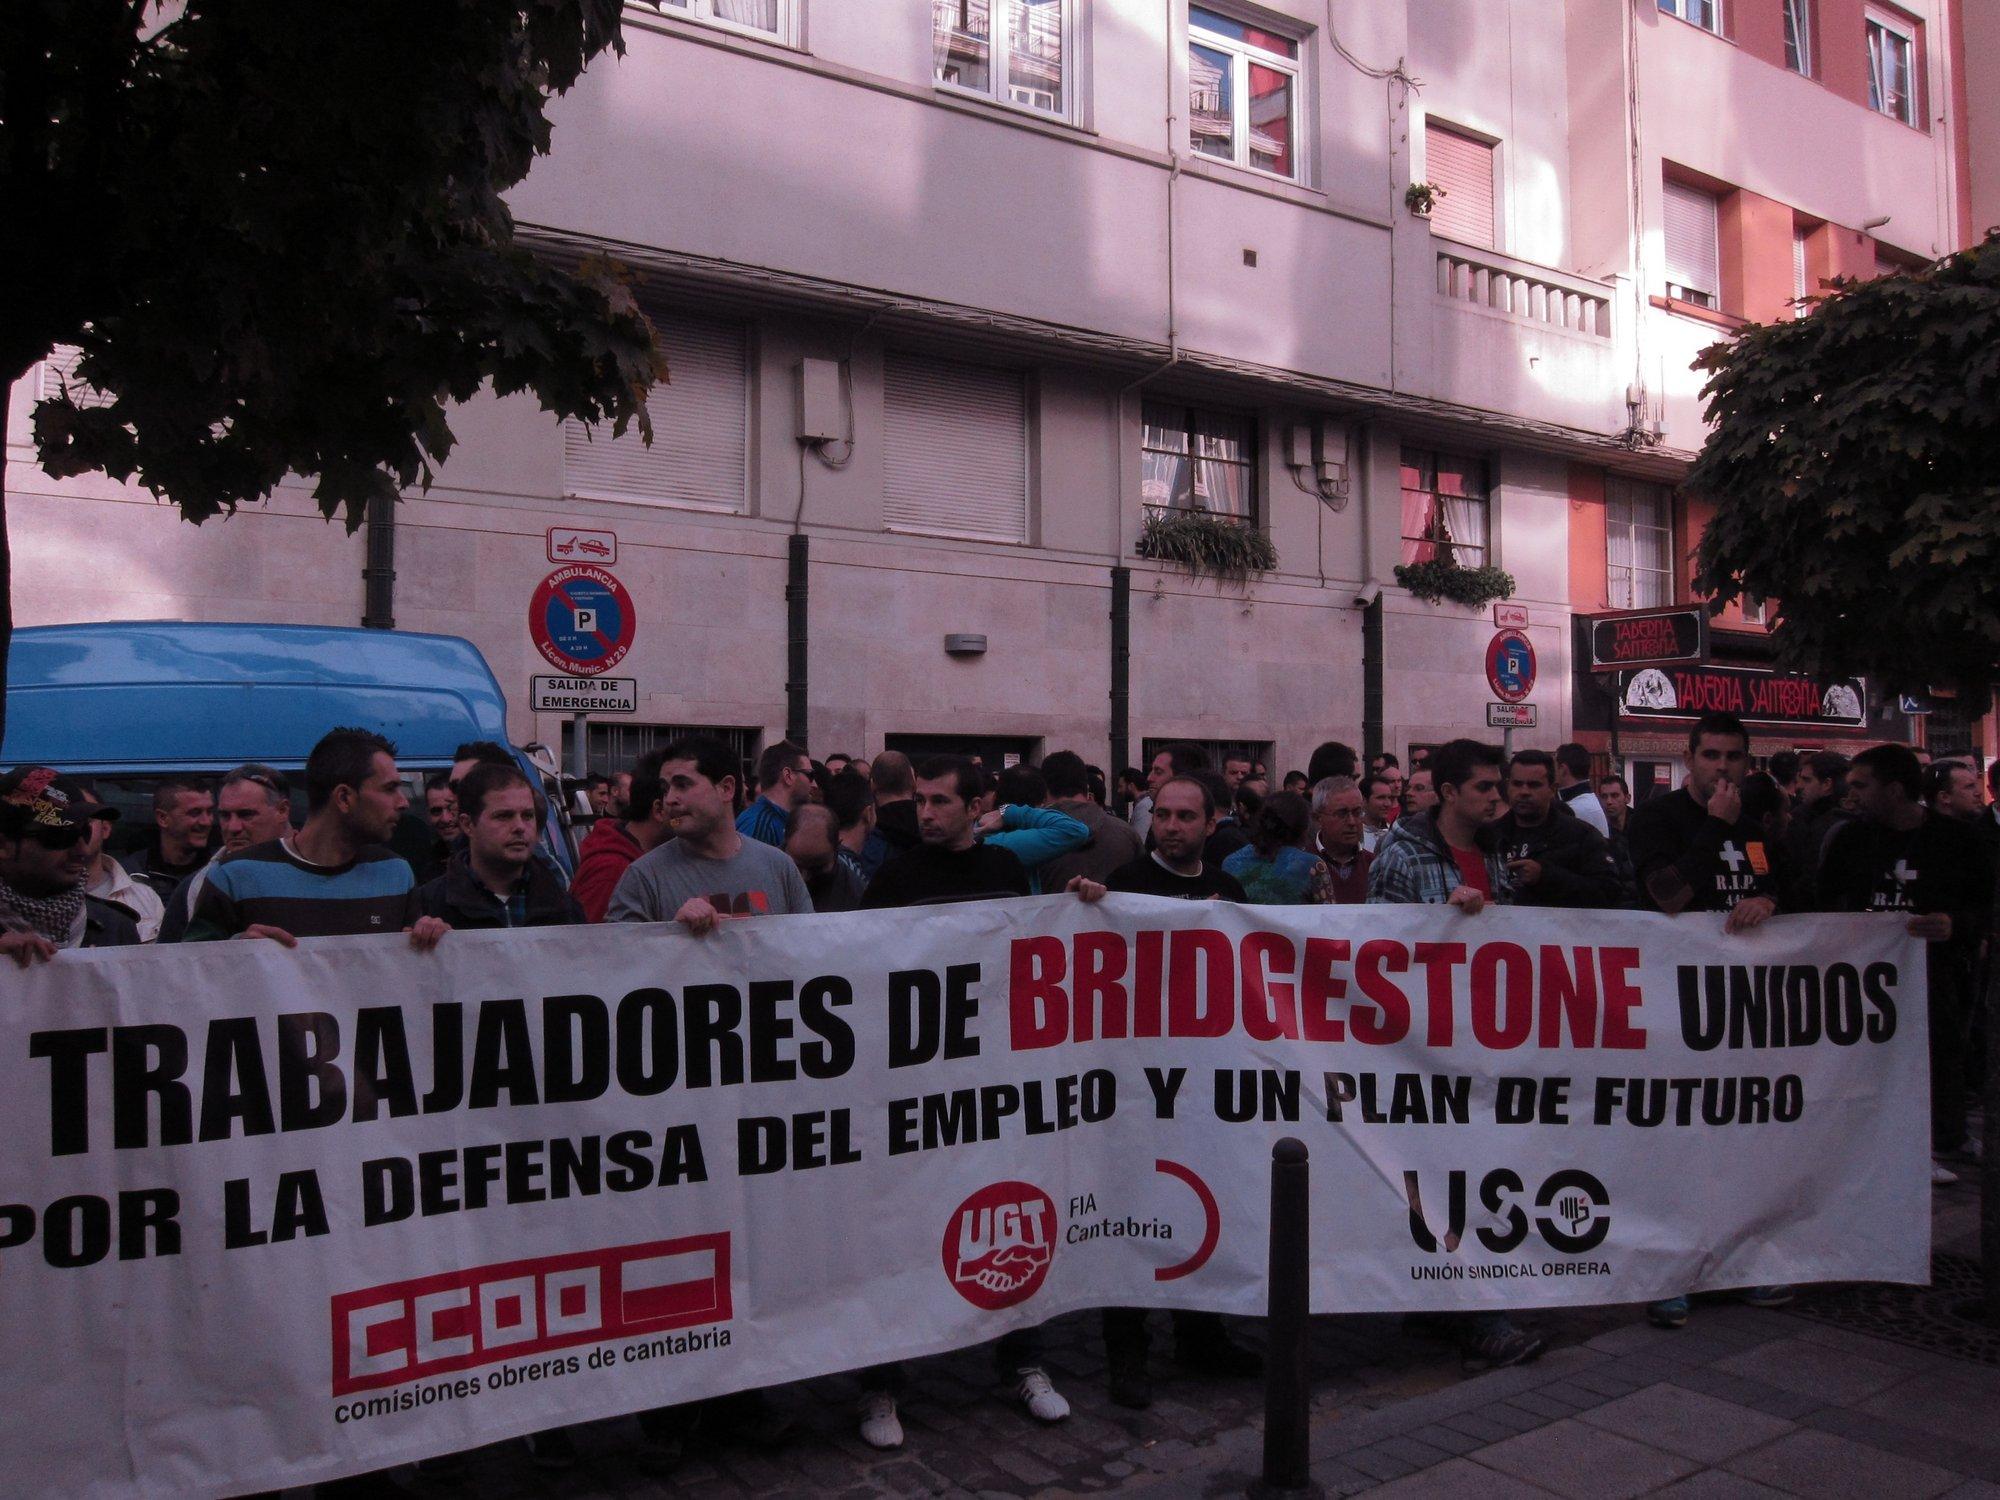 Miles de personas se manifiestan en Torrelavega en apoyo a los trabajadores de Bridgestone